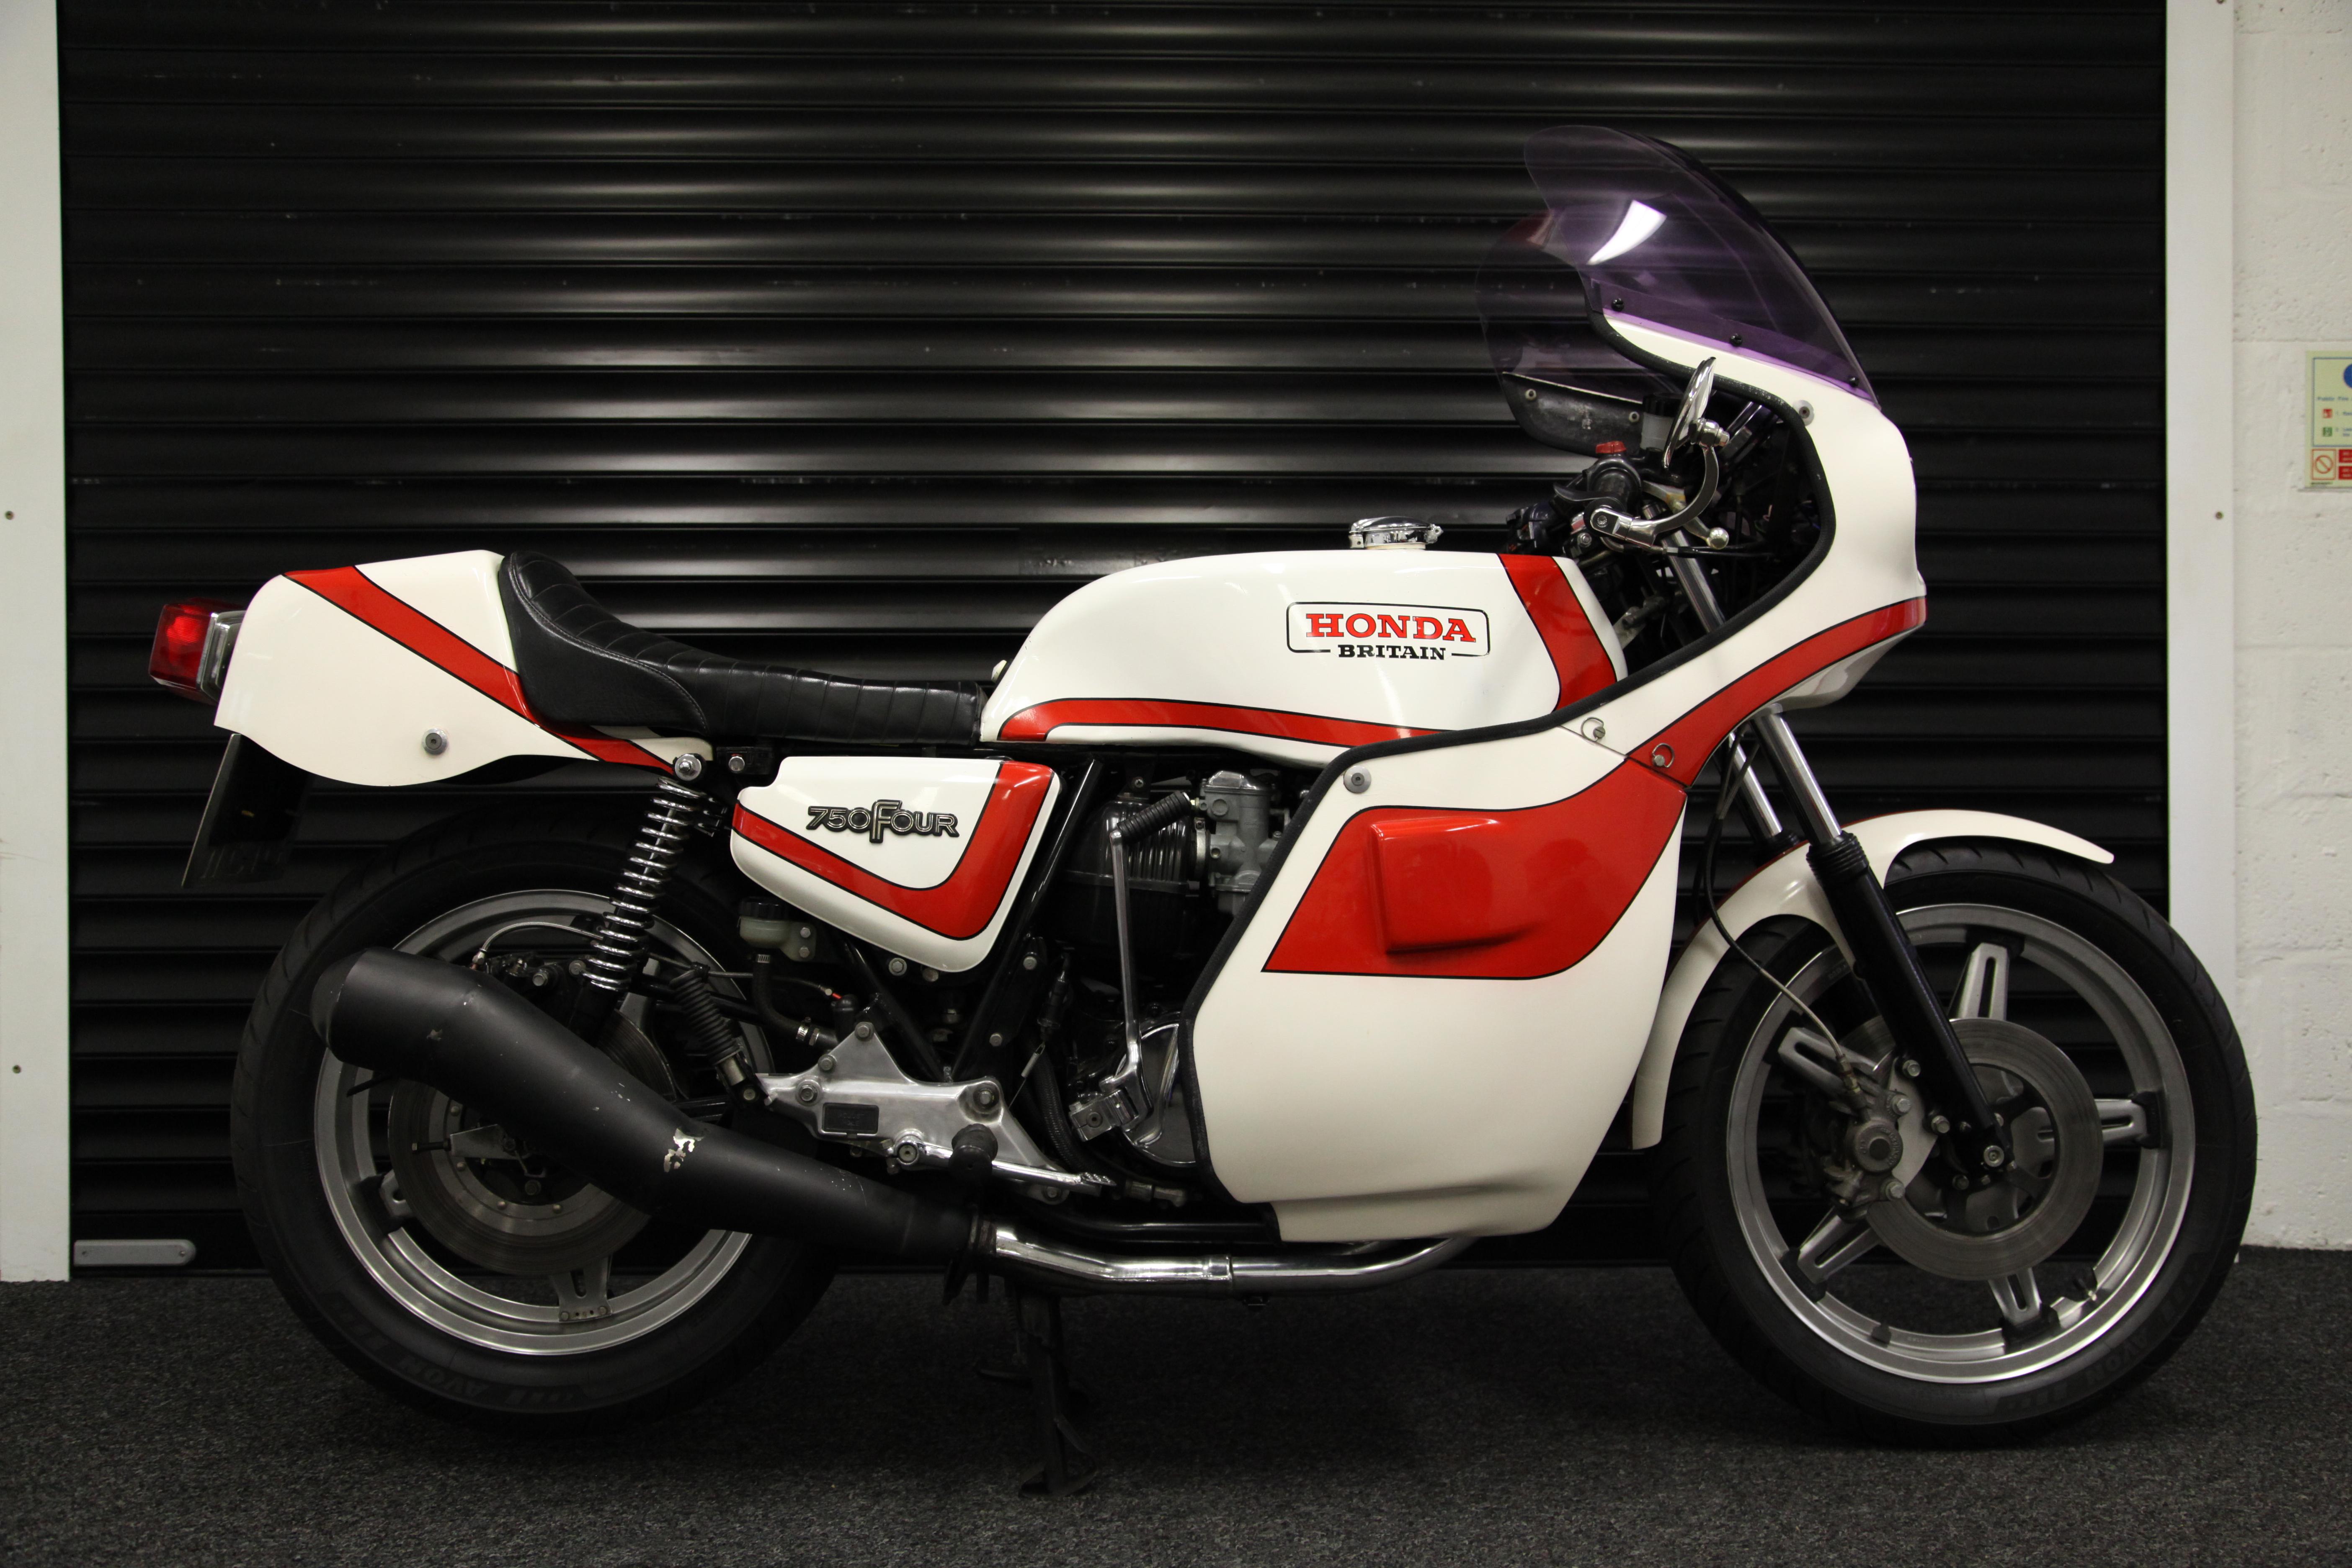 Honda Britain 750 4-Stroke 750